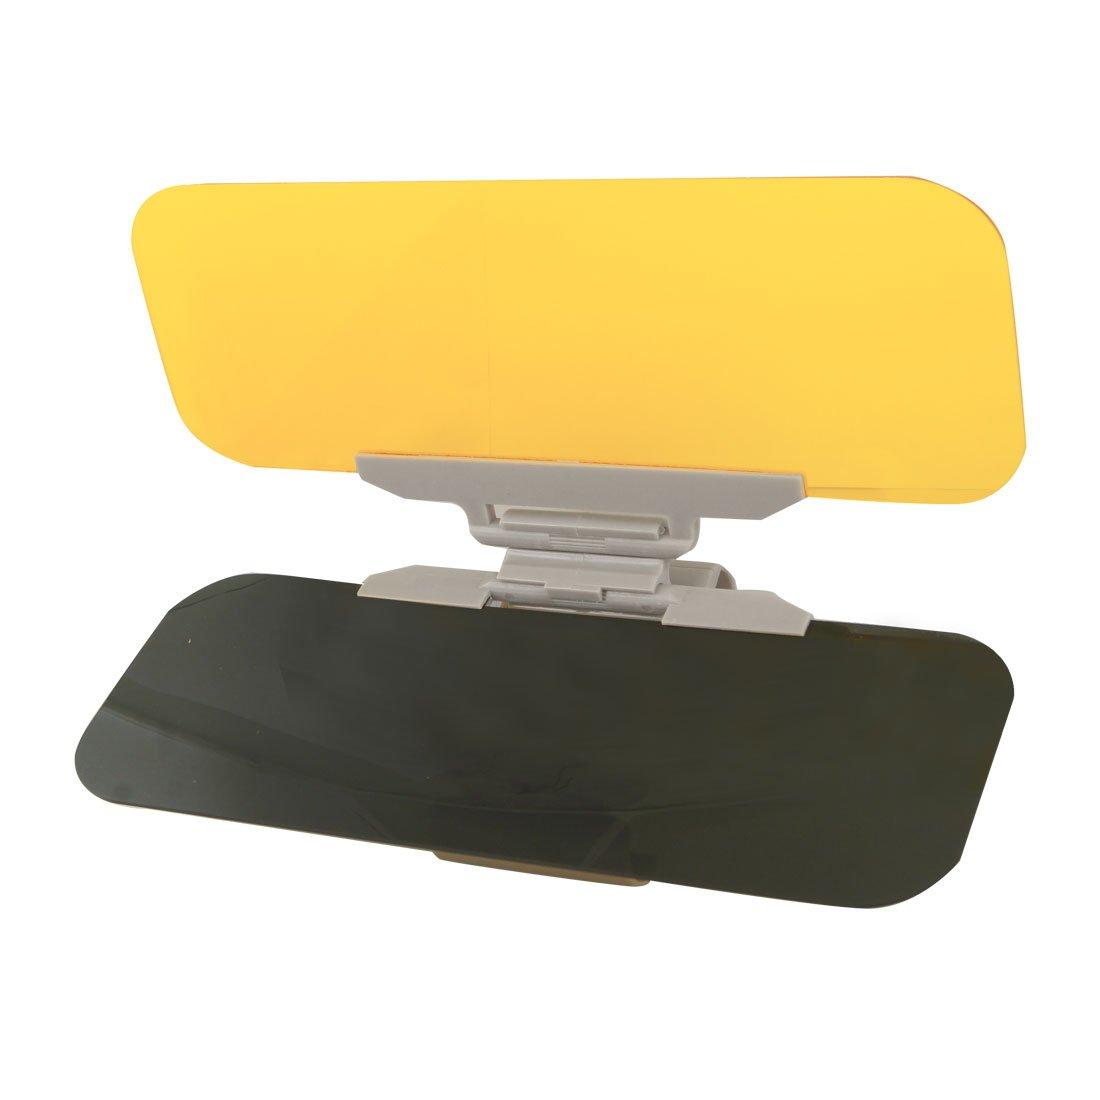 TOOGOO (R) GIALLO CHIARO parasole No abbagliamento flip out Extender per auto SODIAL(R) a12081000ux0254